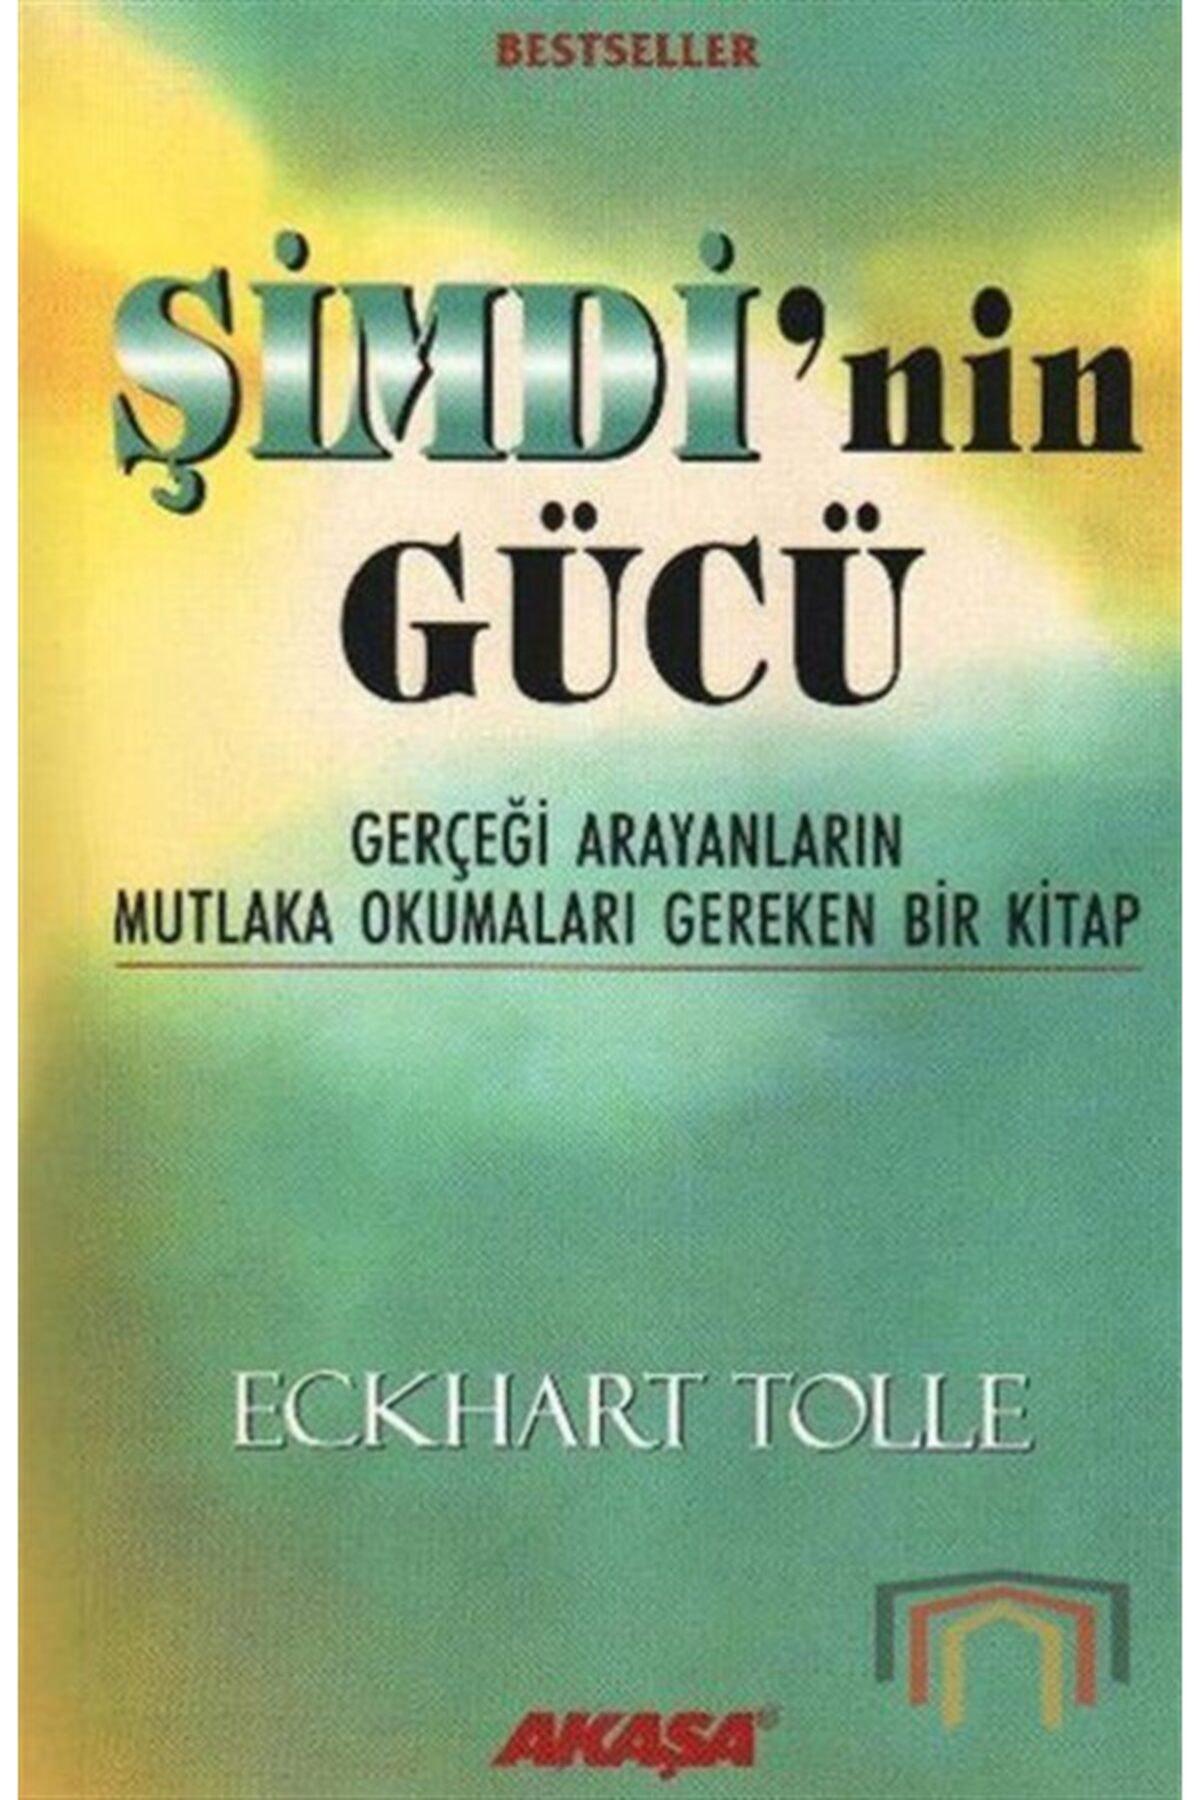 Akaşa Yayınları Şimdi'nin Gücü  Gerçeği Arayanların Mutlaka Okumaları Gereken Bir Kitap 1